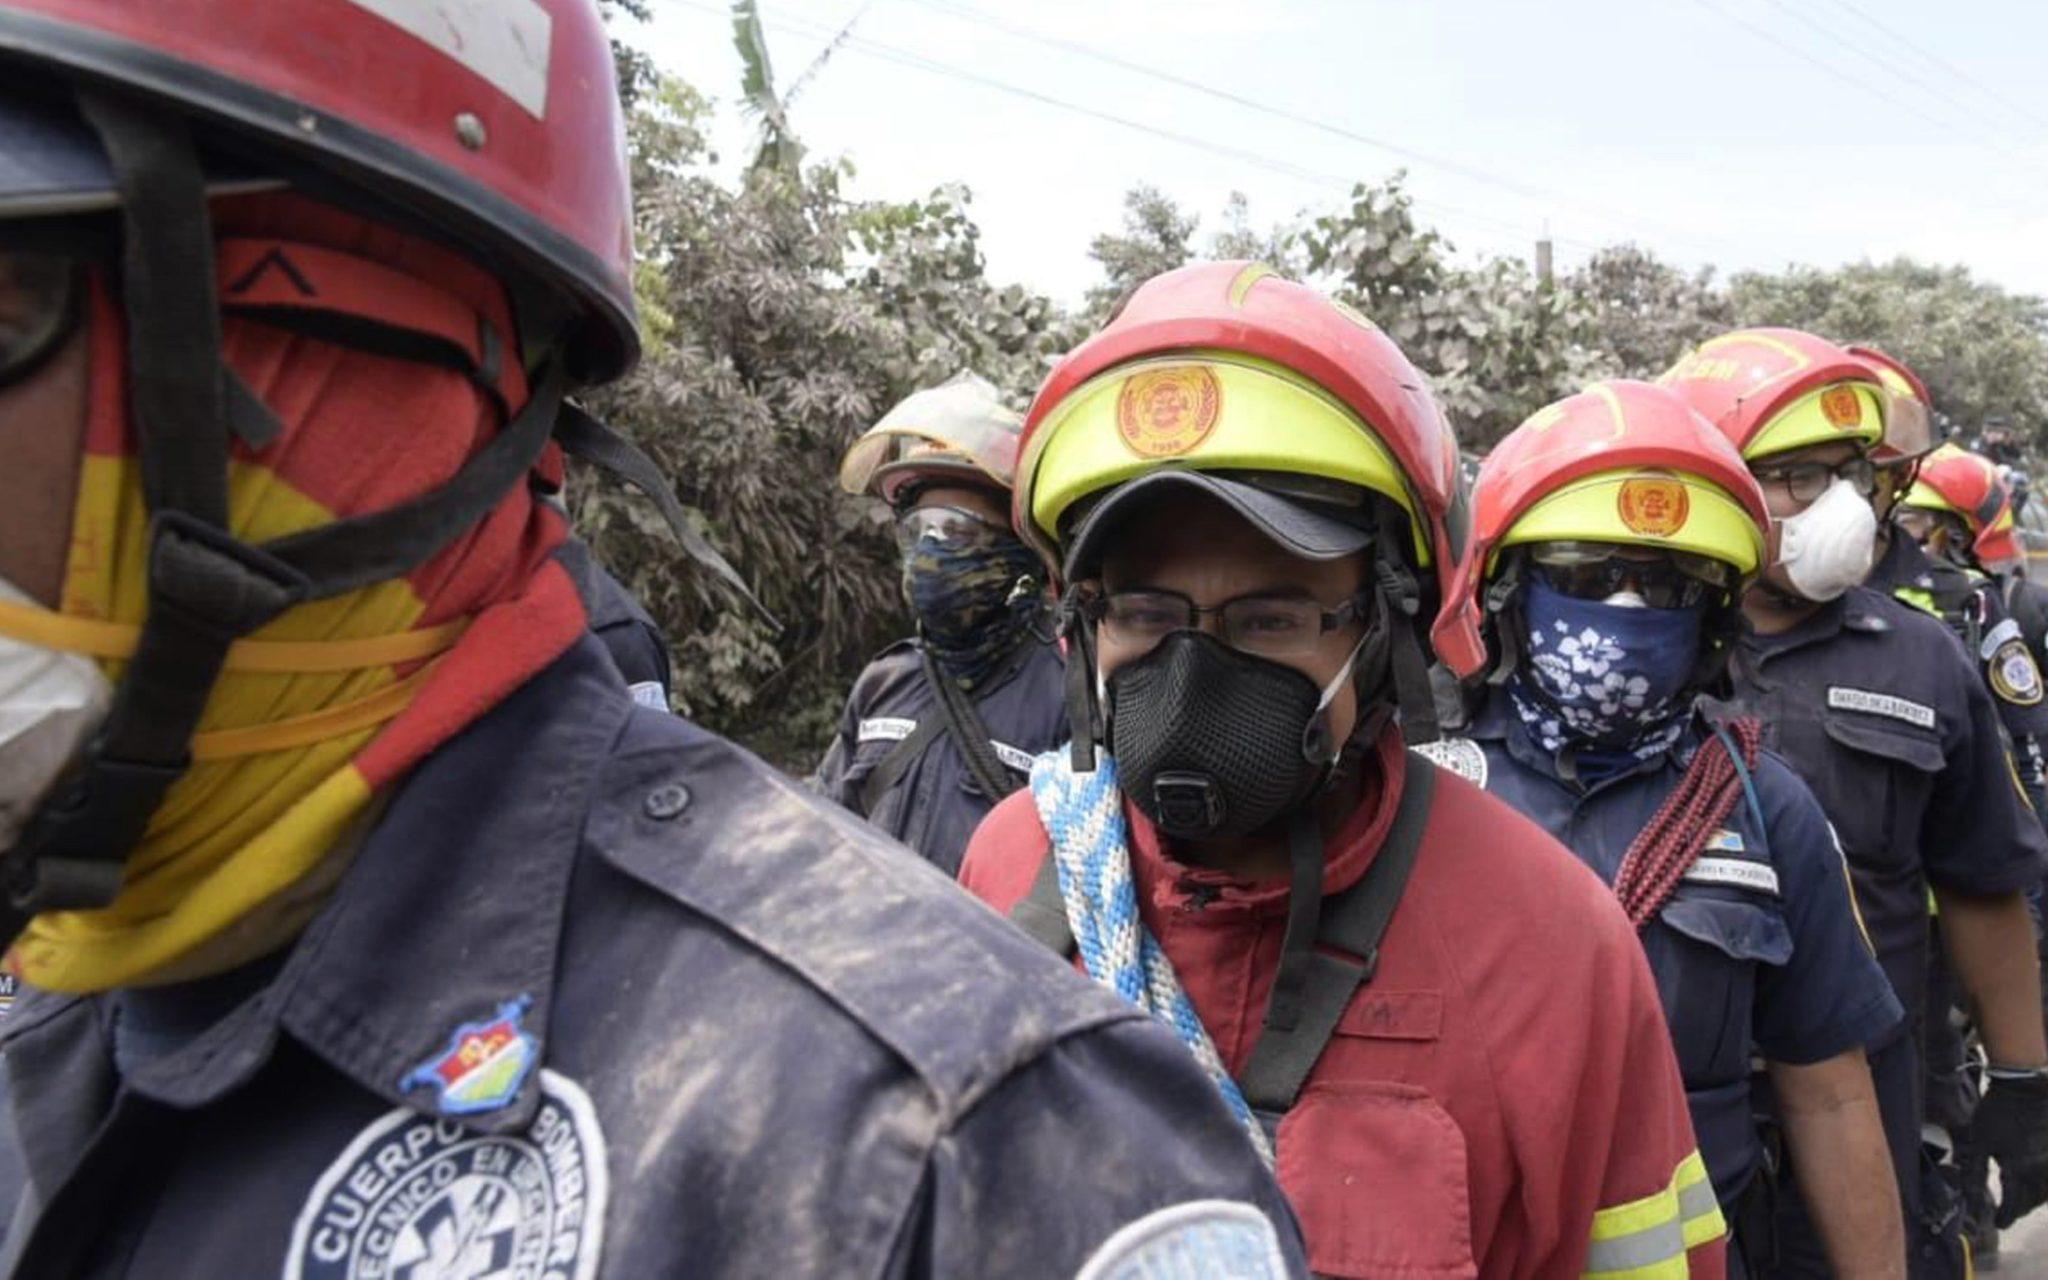 Ratownicy kontynuują poszukiwania osób, które przeżyły wybuch wulkanu miejscowości El Rodeo, w Gwatemali. Liczba ofiar śmiertelnych wzrasta po gwałtownej erupcji